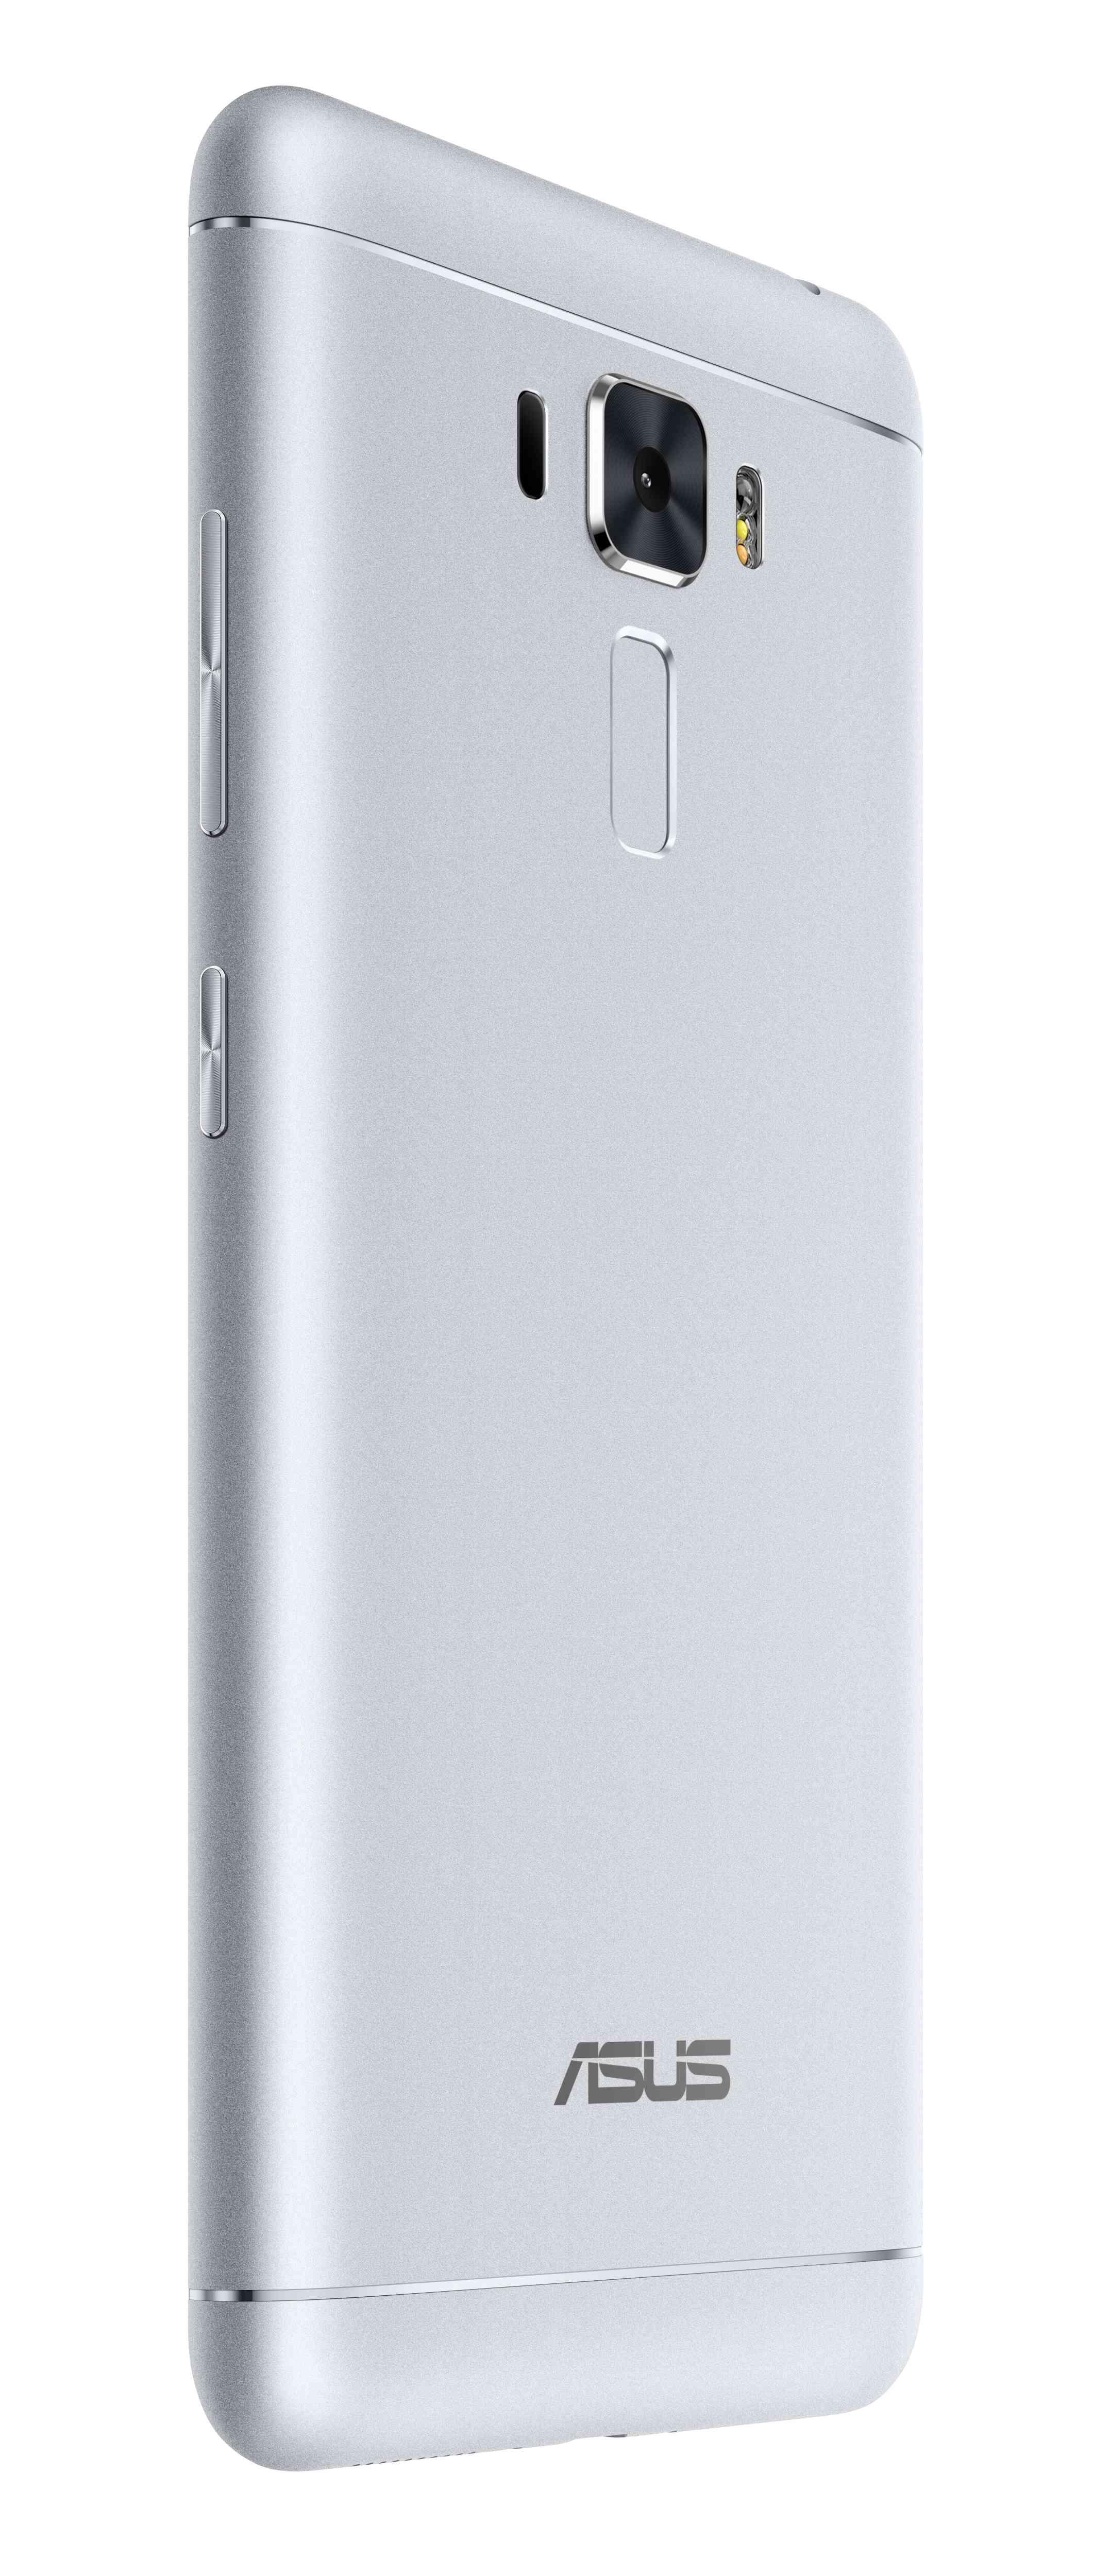 Zenfone 3 max (zc520tl) prezzo